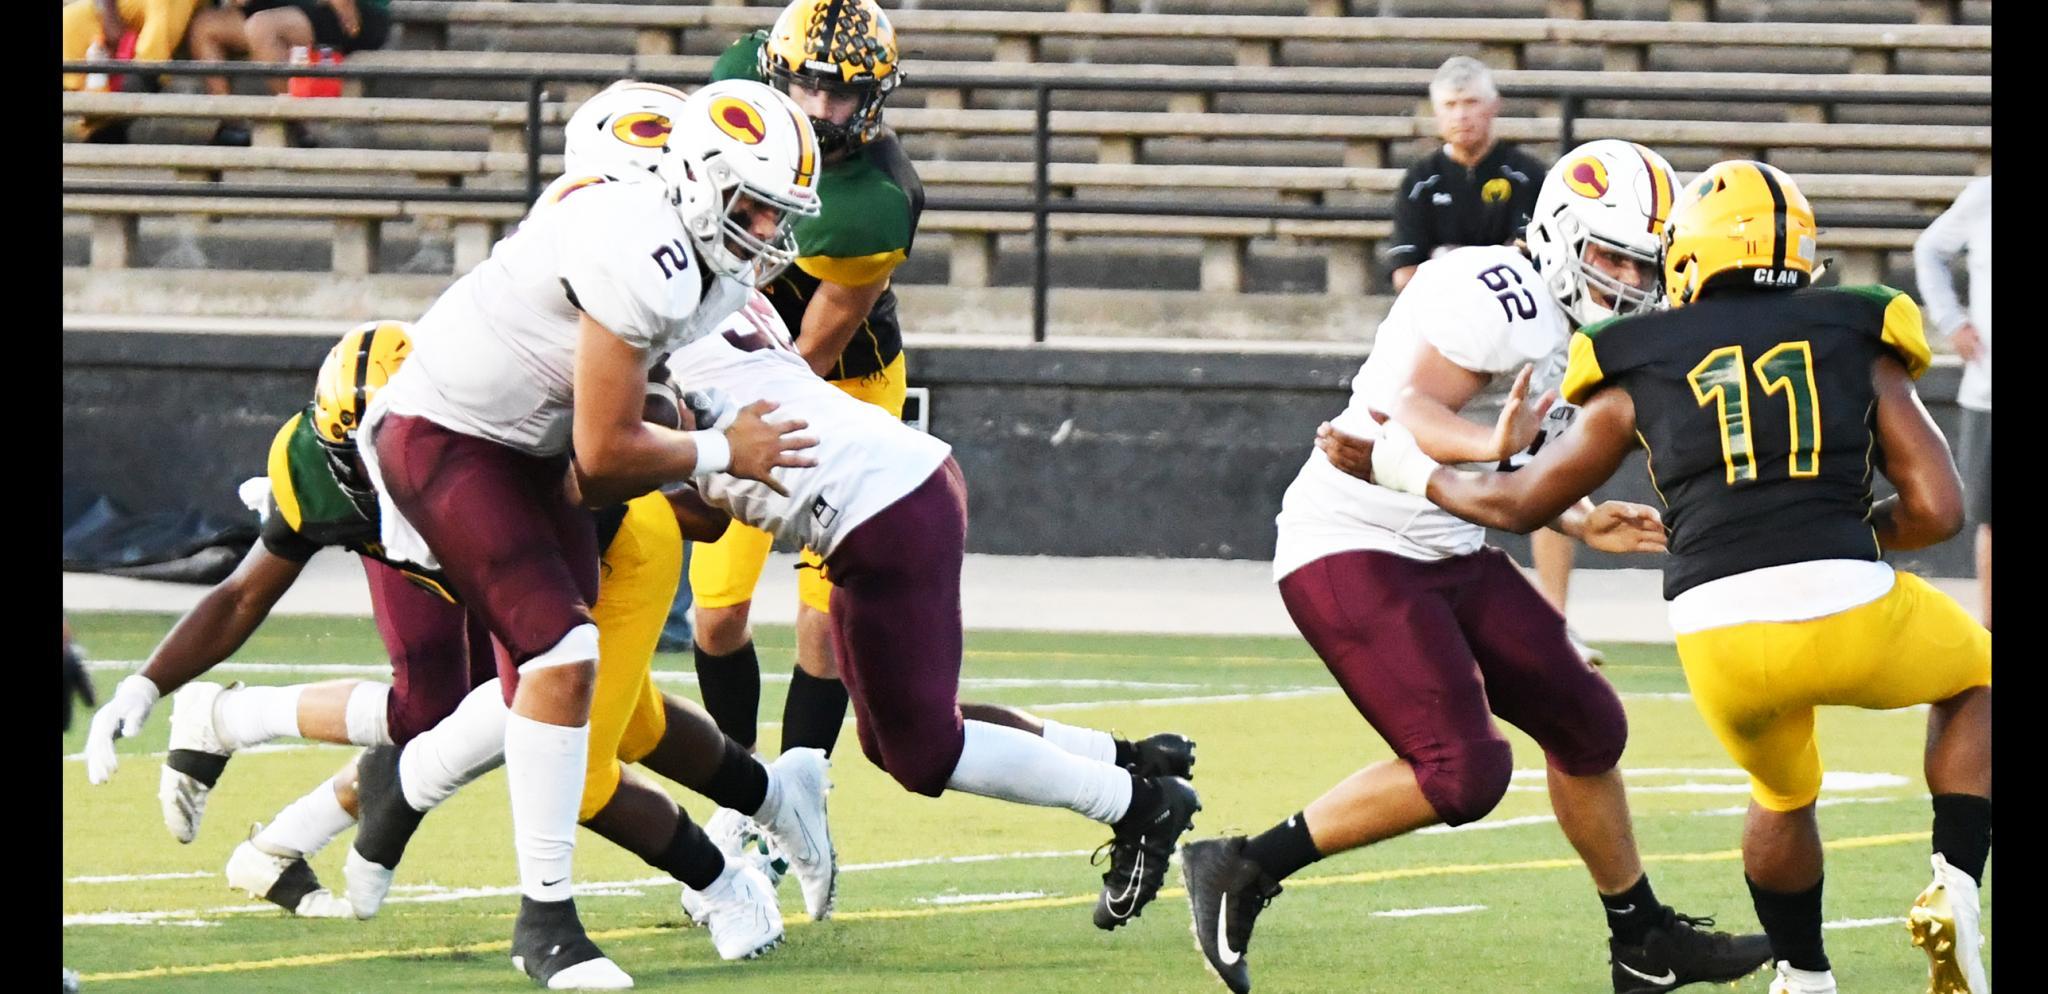 Clinton sophomore quarterback Caden Powell, No. 2, runs through a Lawton Mac tackle and follows Hudson Powell's block into the end zone.